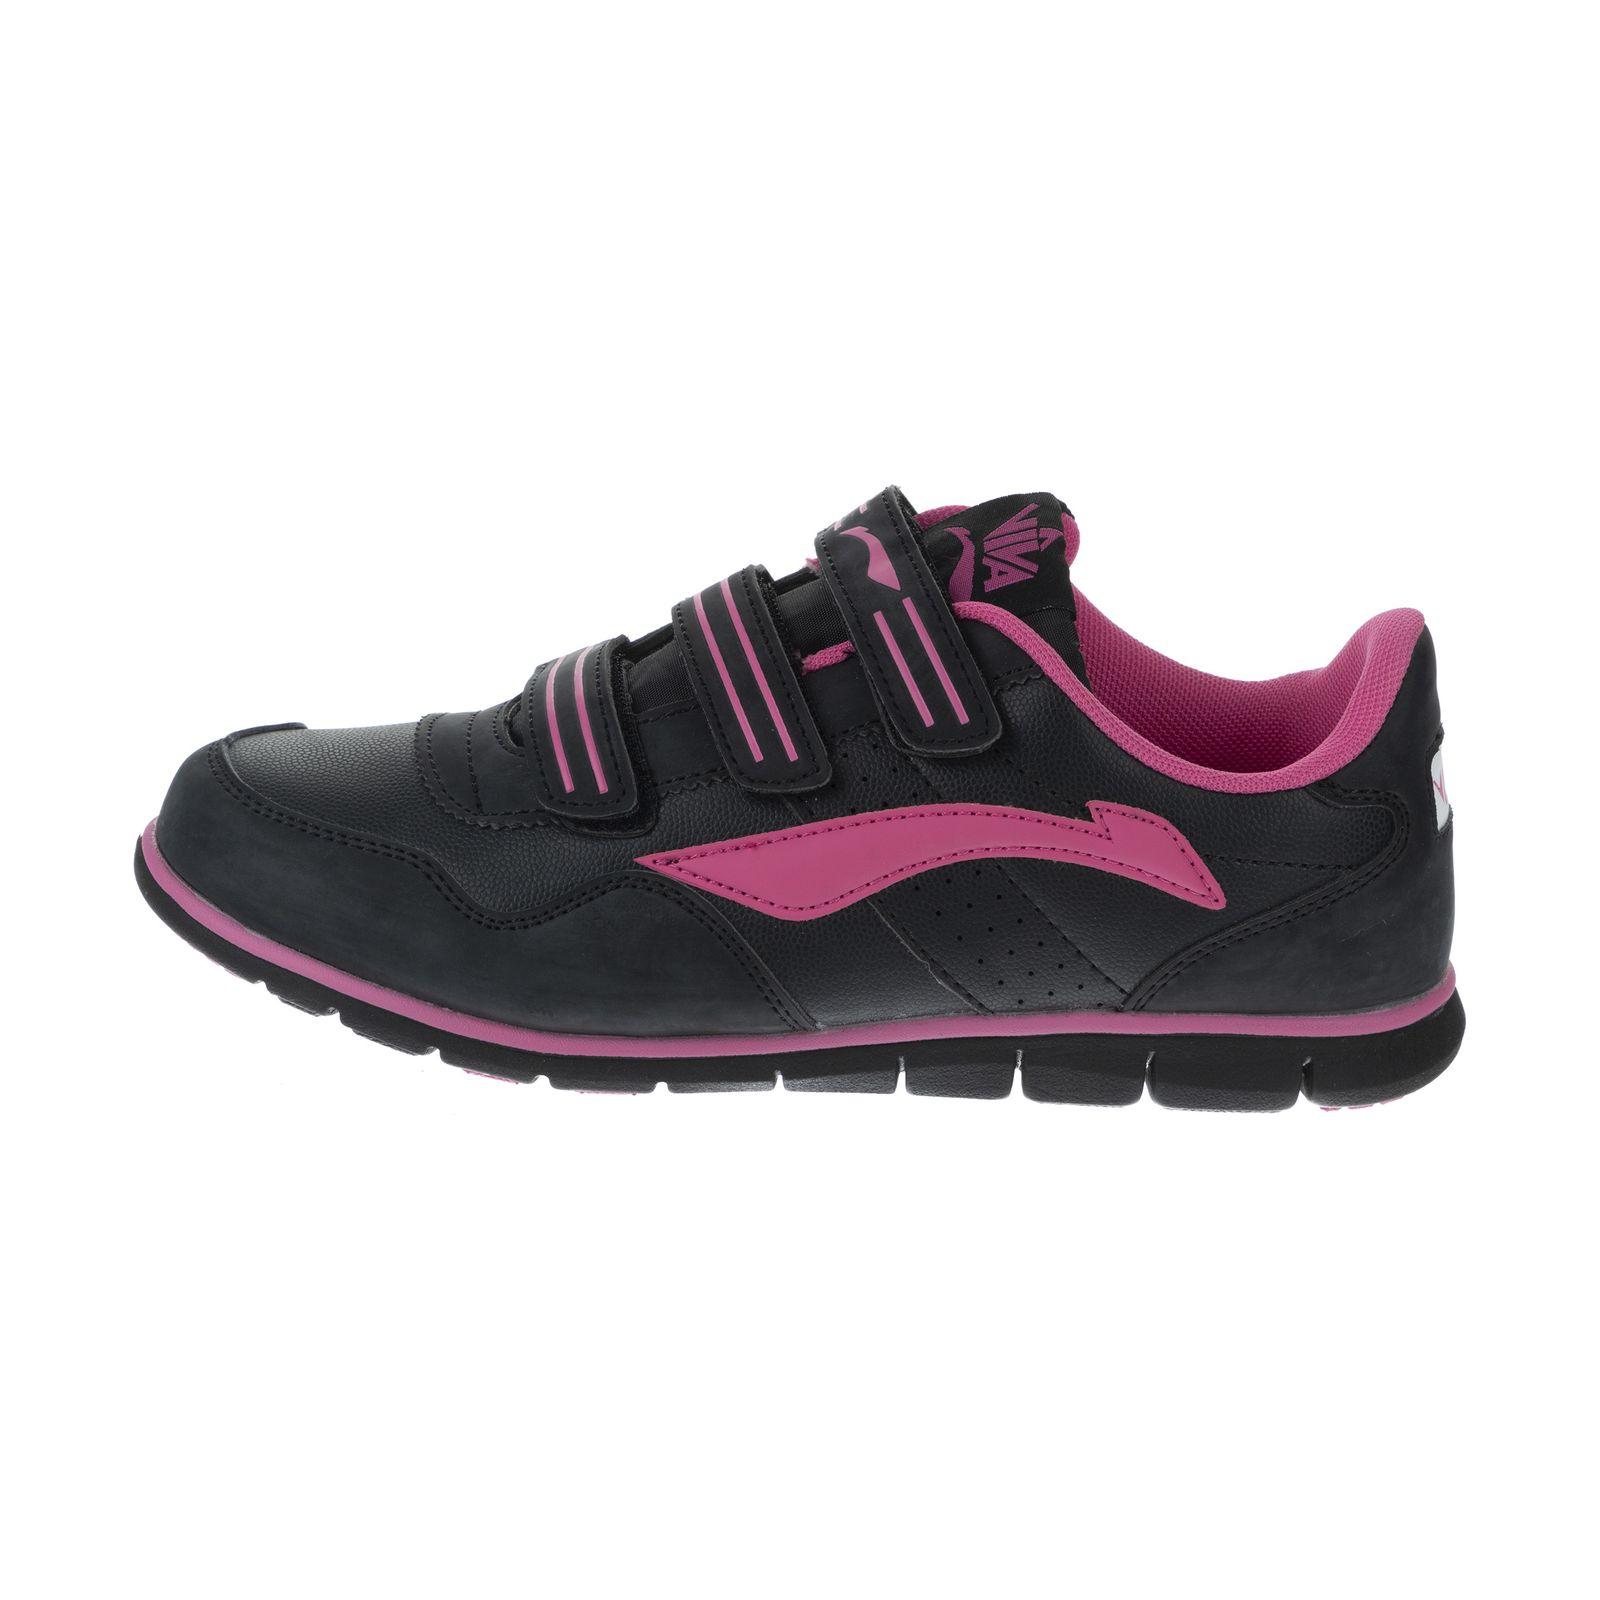 کفش مخصوص پیاده روی زنانه ویوا کد MS3658 -  - 2